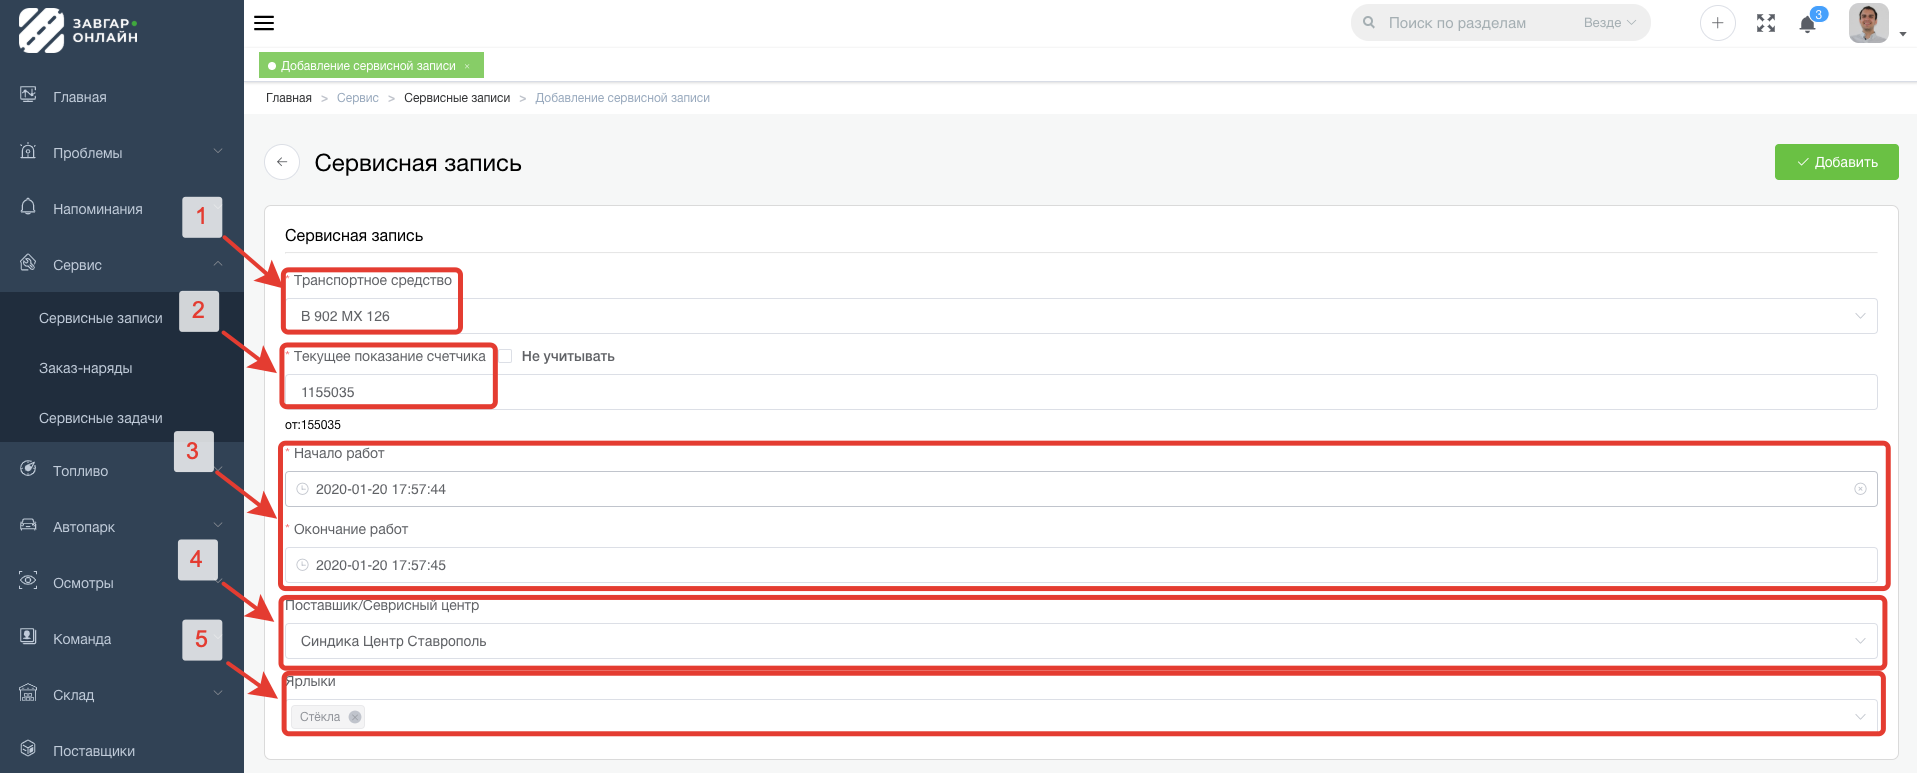 Добавление сервисной записи в системе Завгар Онлайн 2